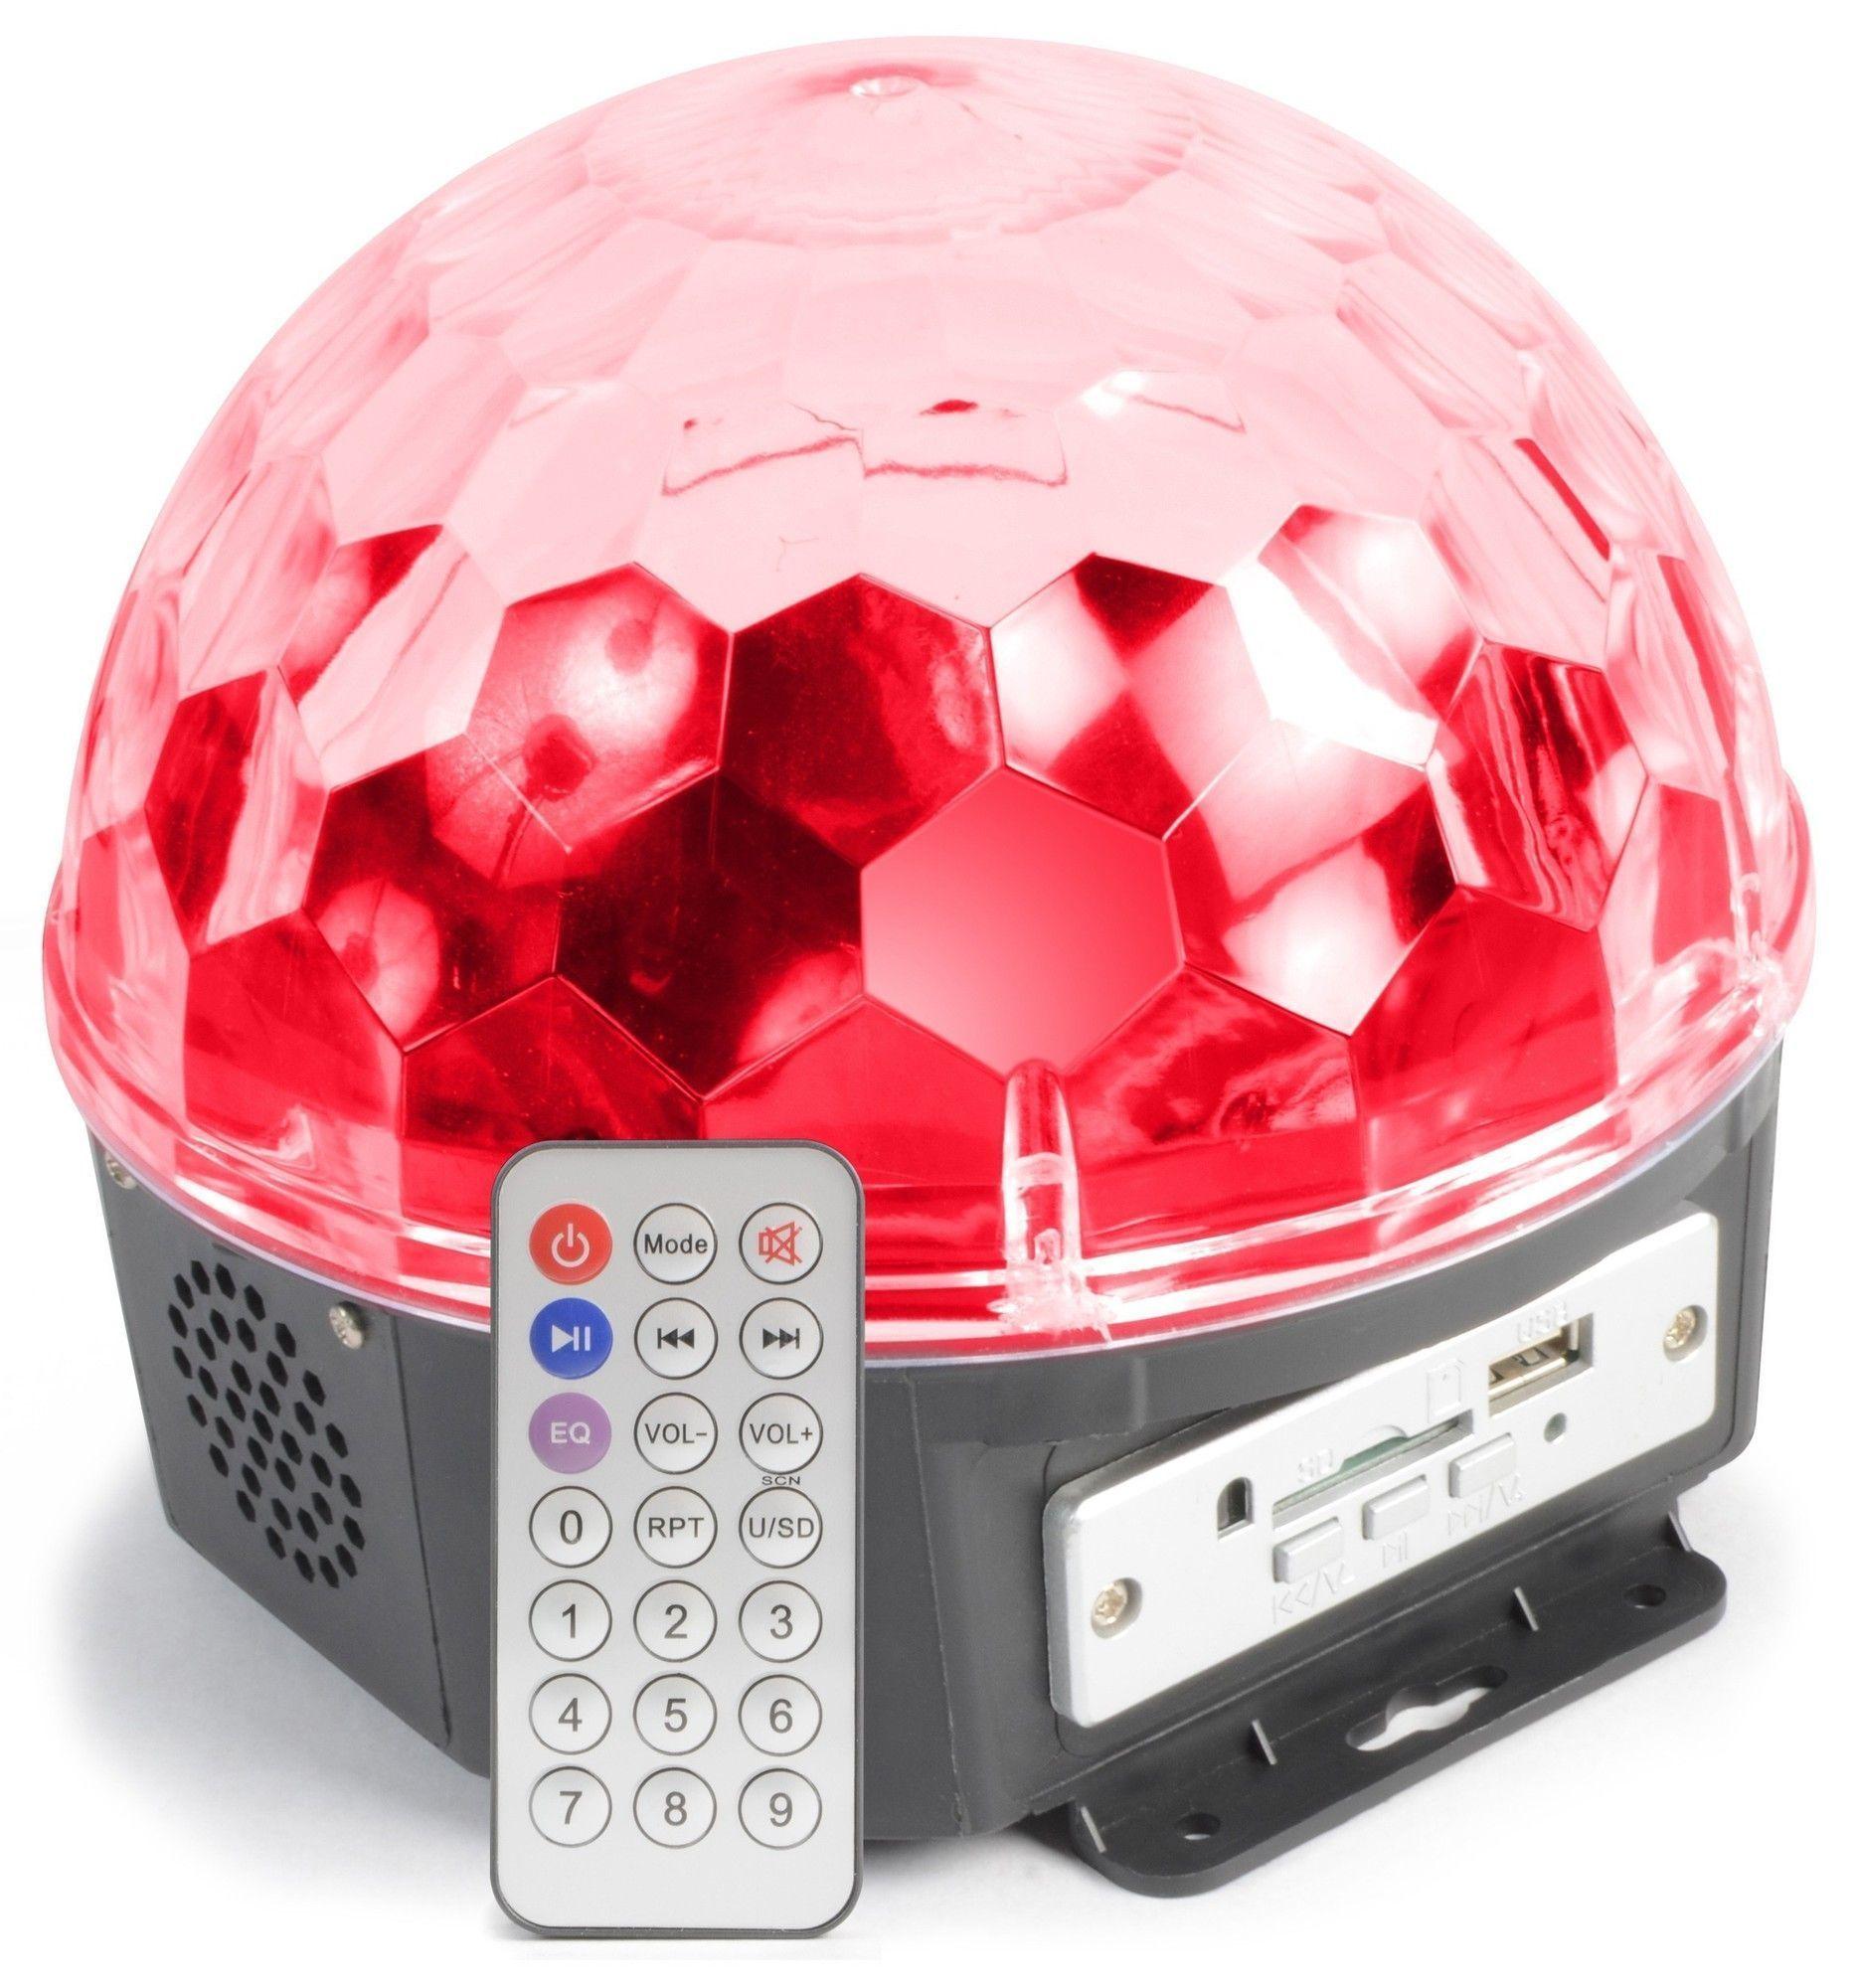 Dagaanbieding - MAX Magic Jelly DJ Ball 6x 1W LED muziekgestuurd met MP3 speler dagelijkse koopjes